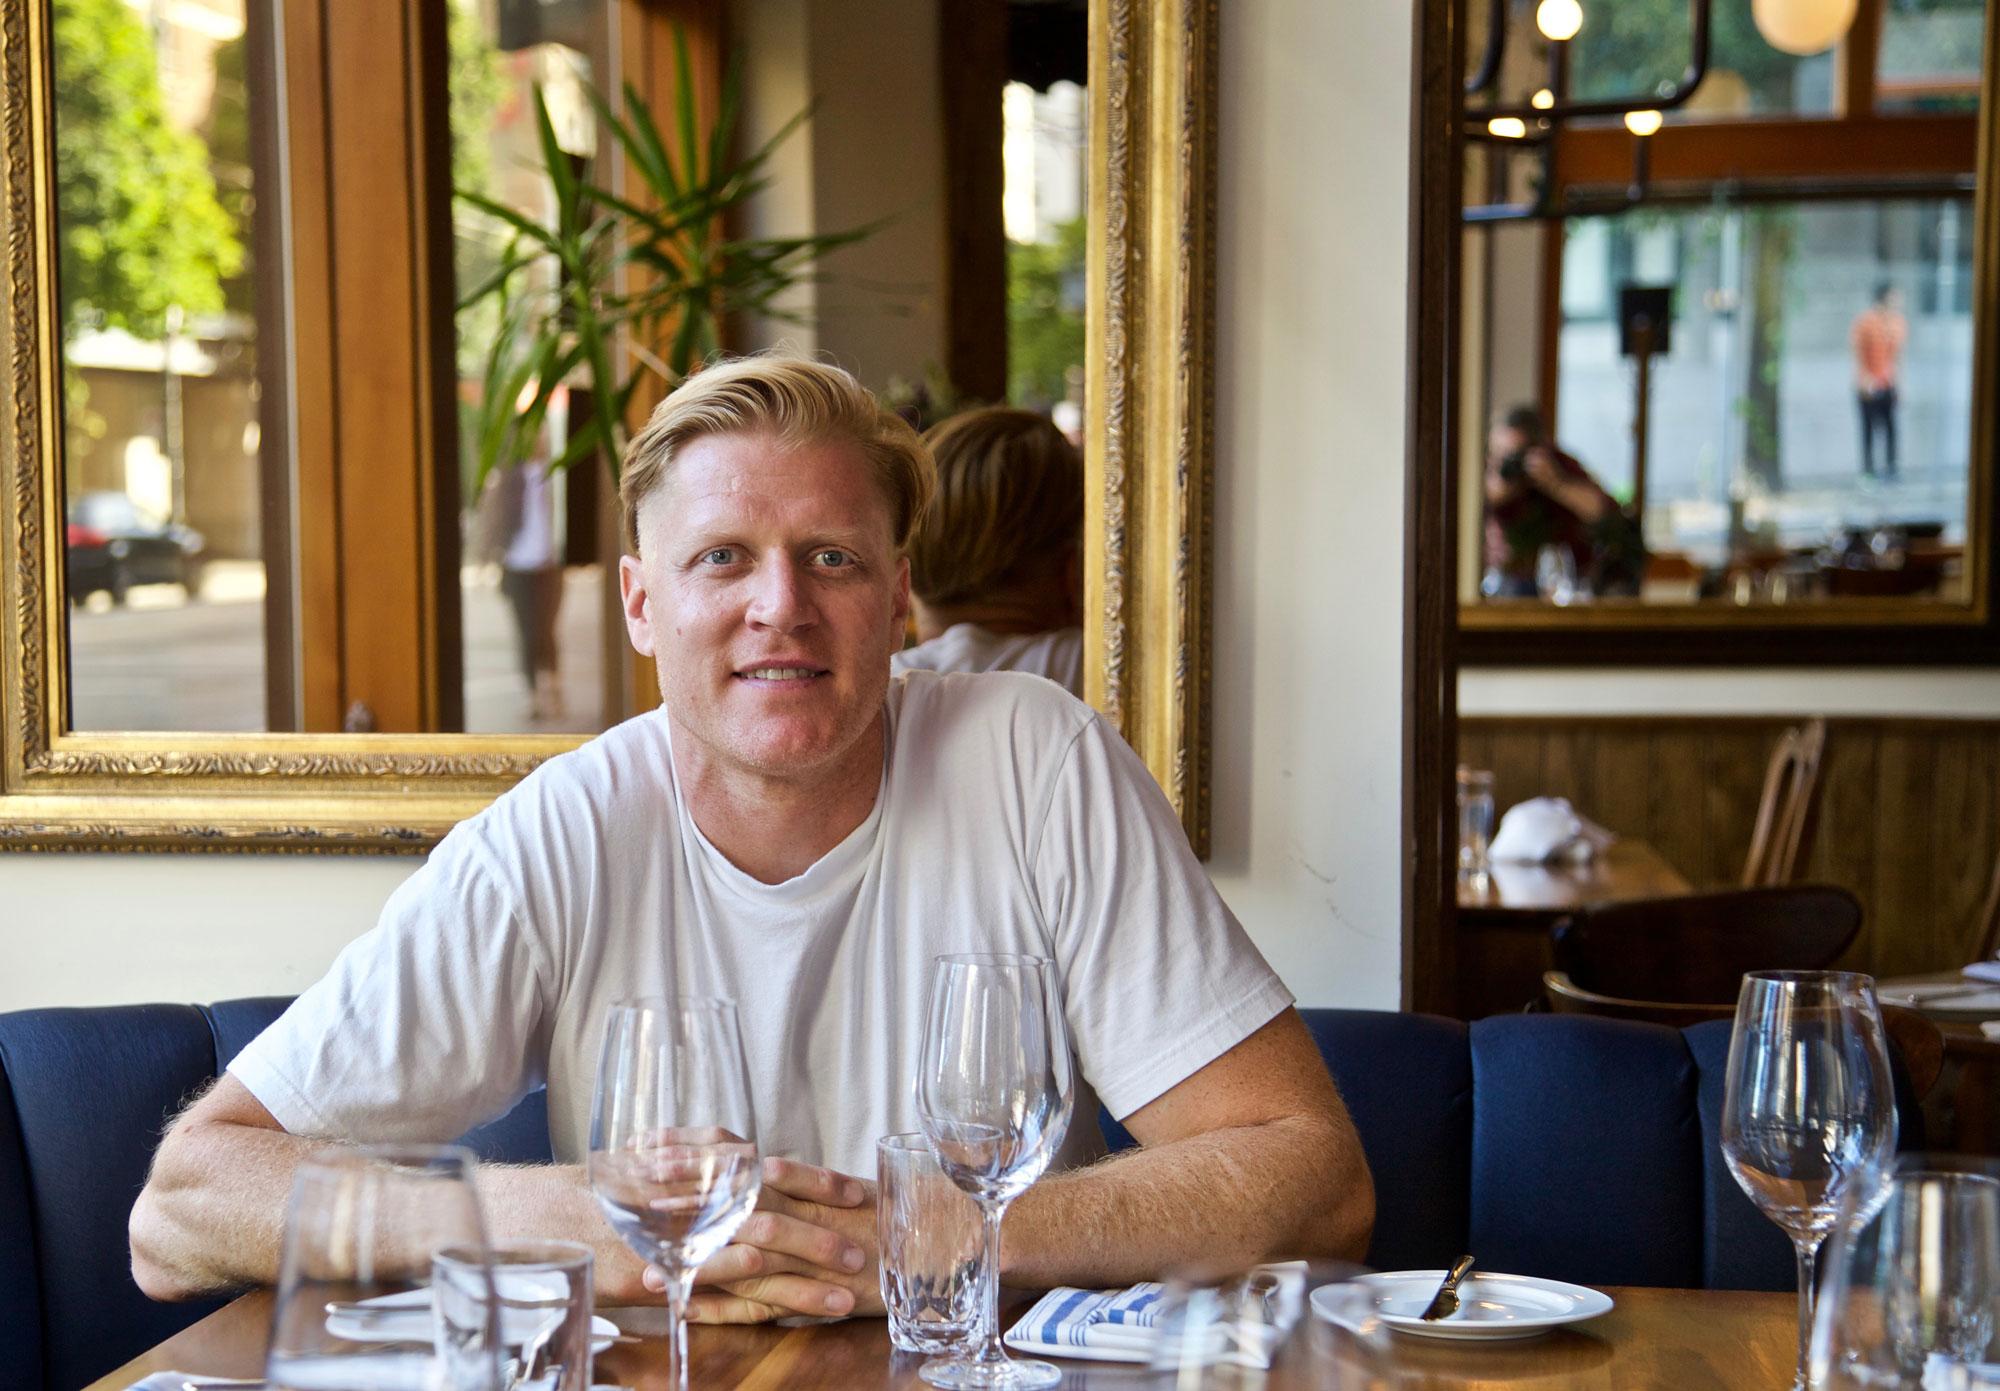 Chef Lucais Syme Plans 'Autostrada' - a New Pasta Concept ...